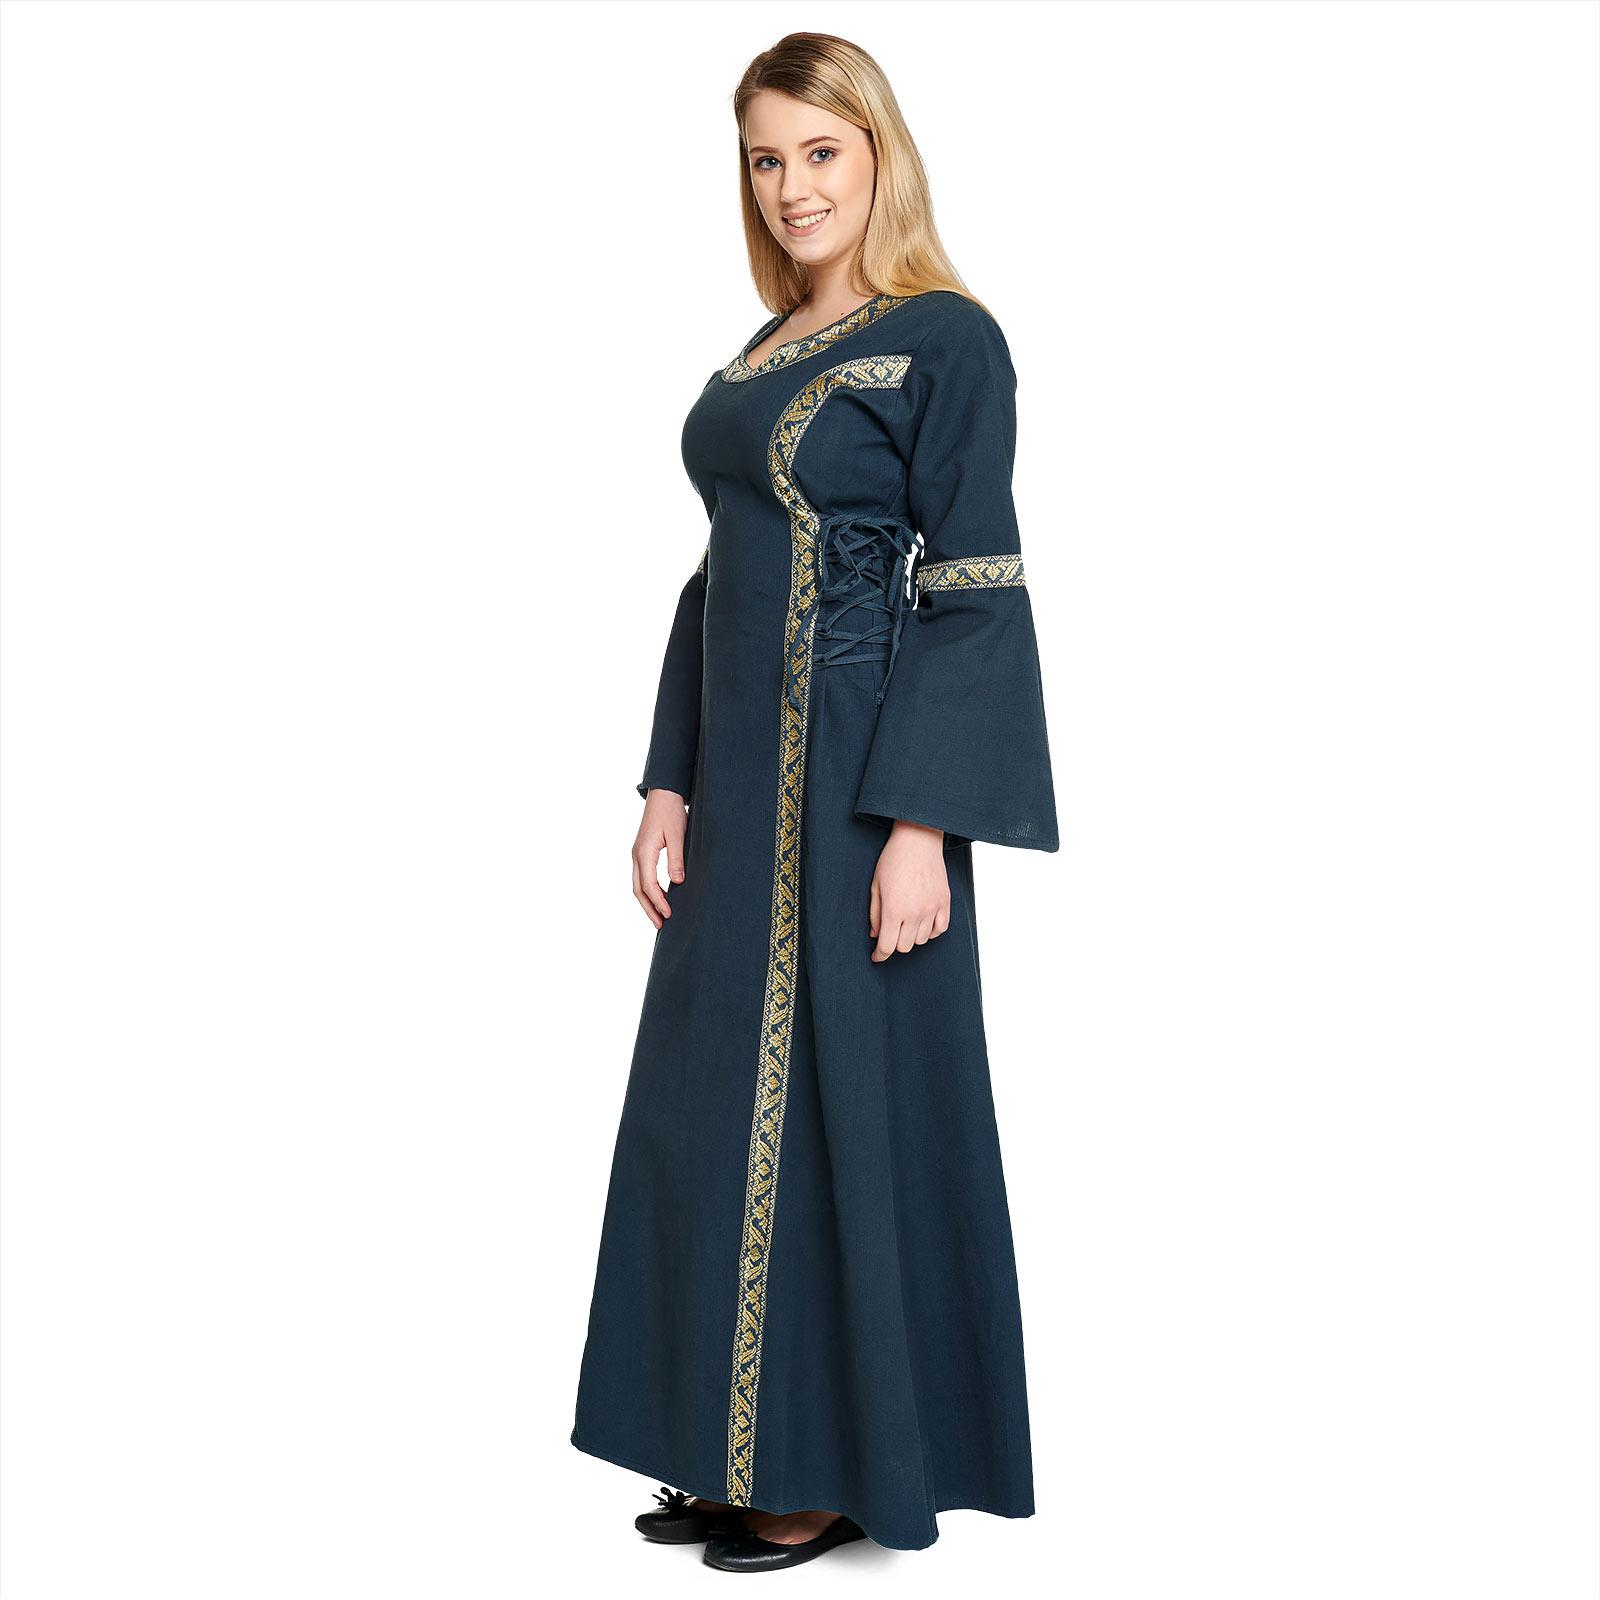 Mittelalter Kleid Reinhild blau